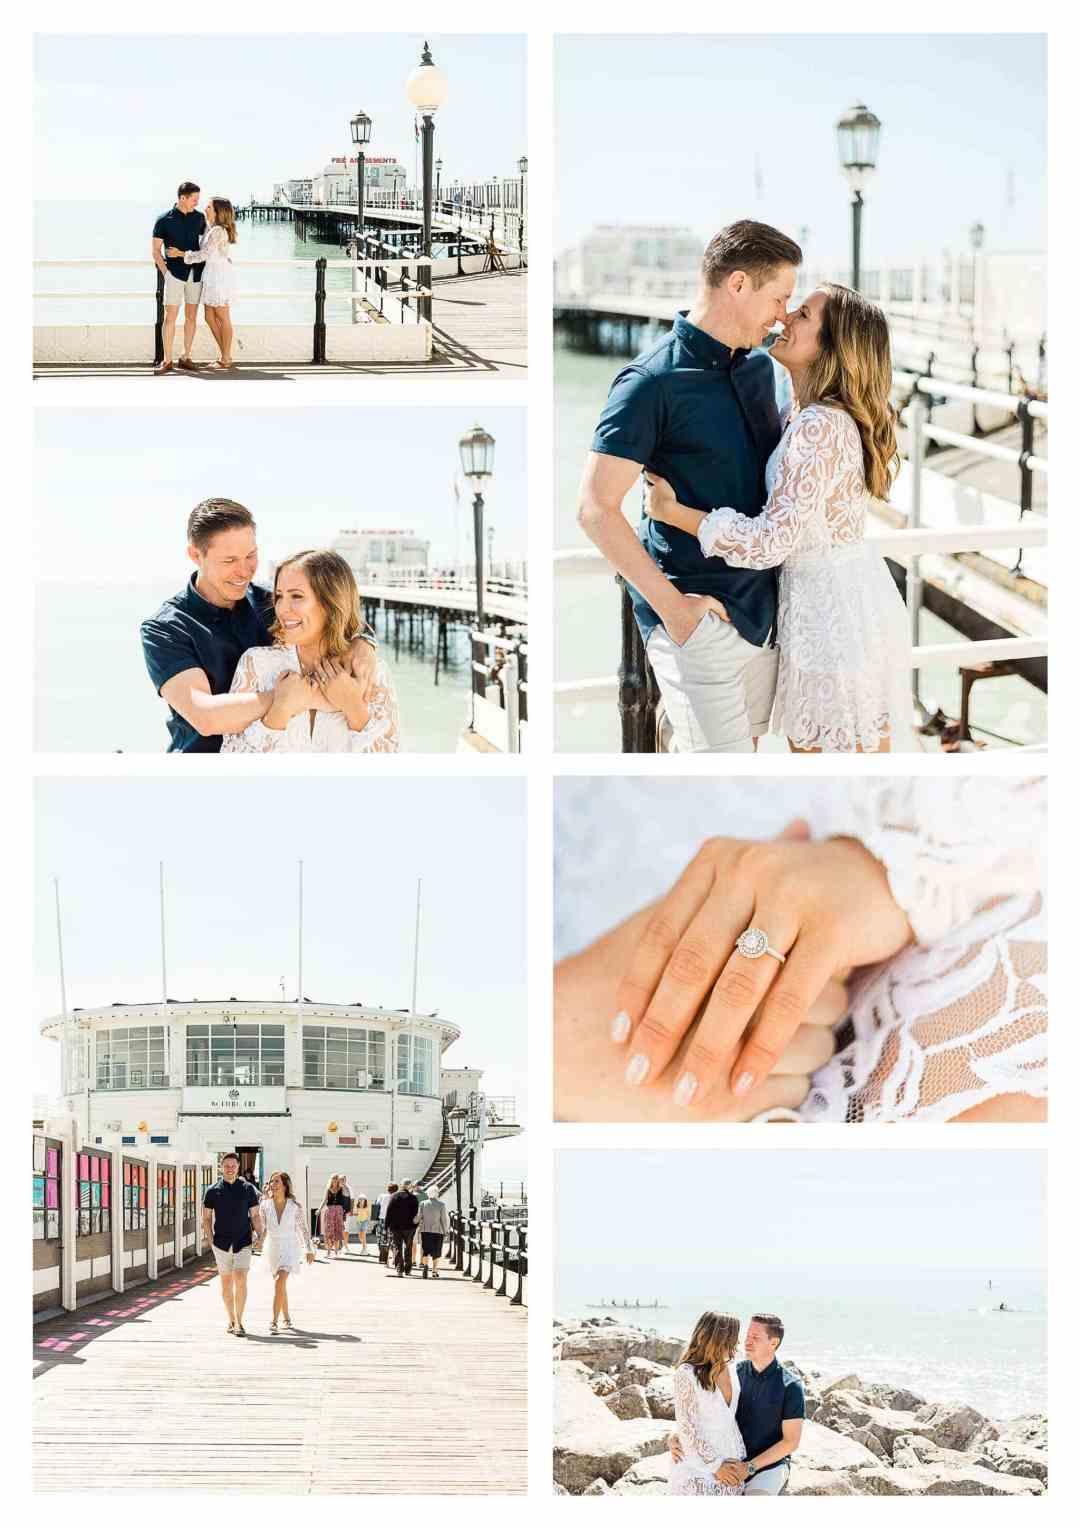 Worthing Pier Engagement Photography | Worthing Wedding Photographer